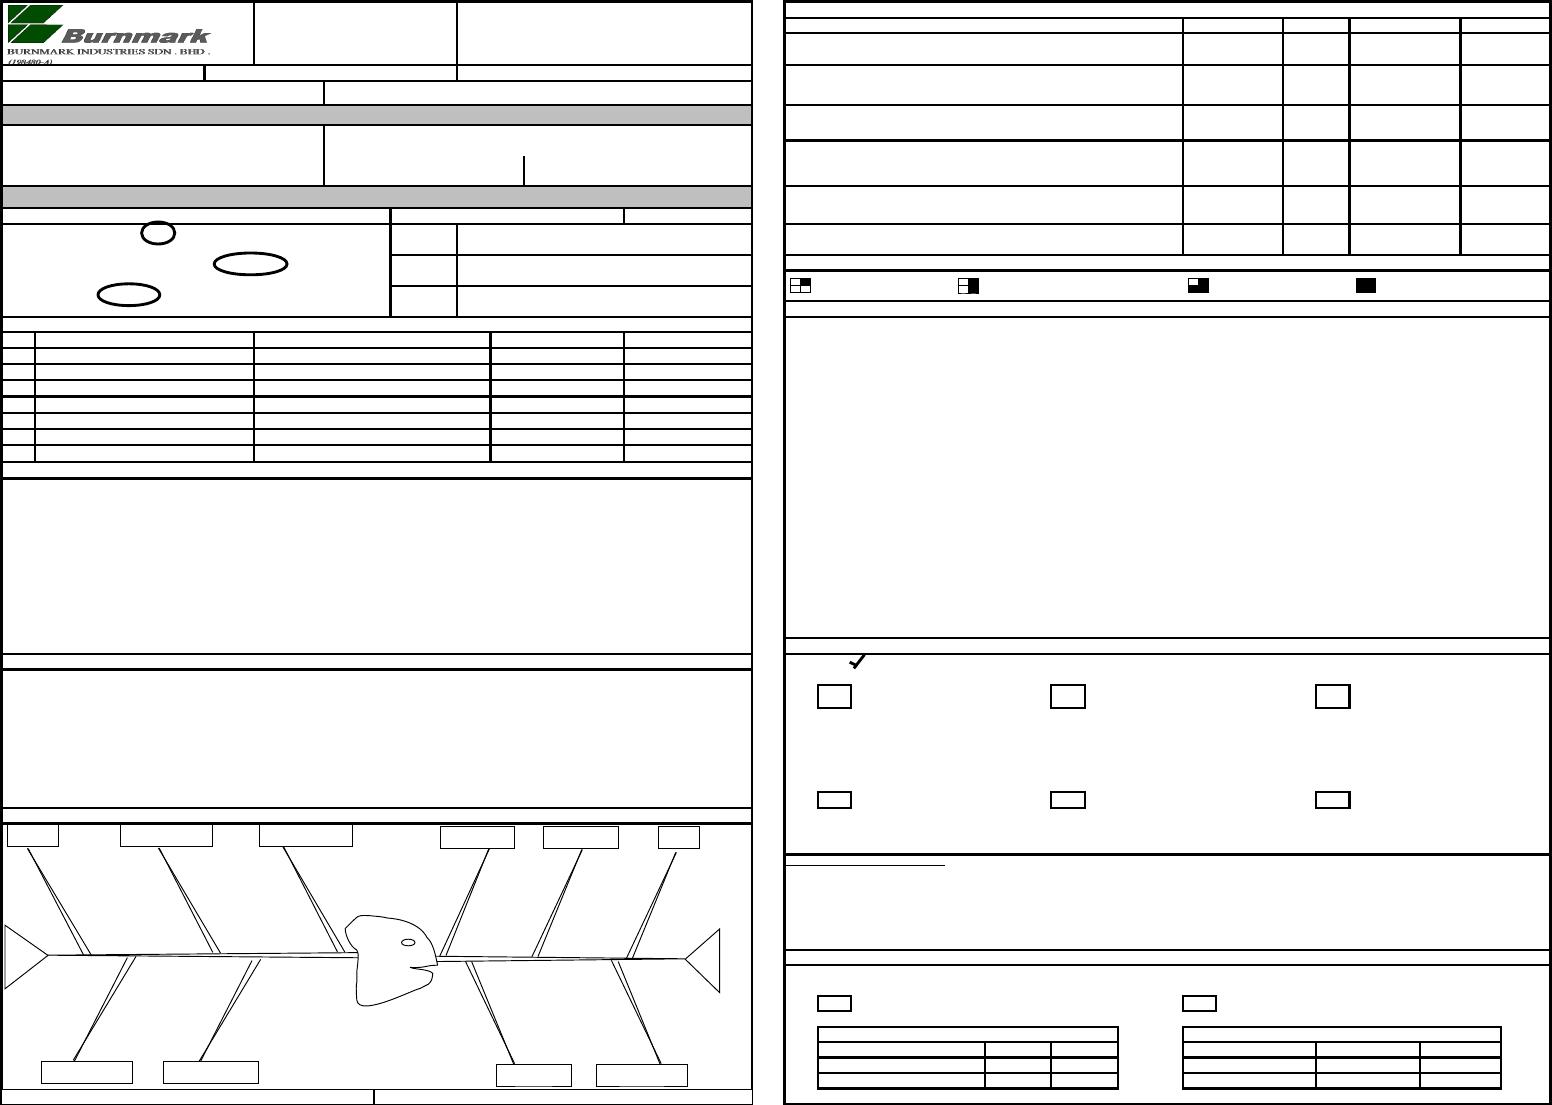 8D Report Format - [Xls Document] Throughout 8D Report Template Xls